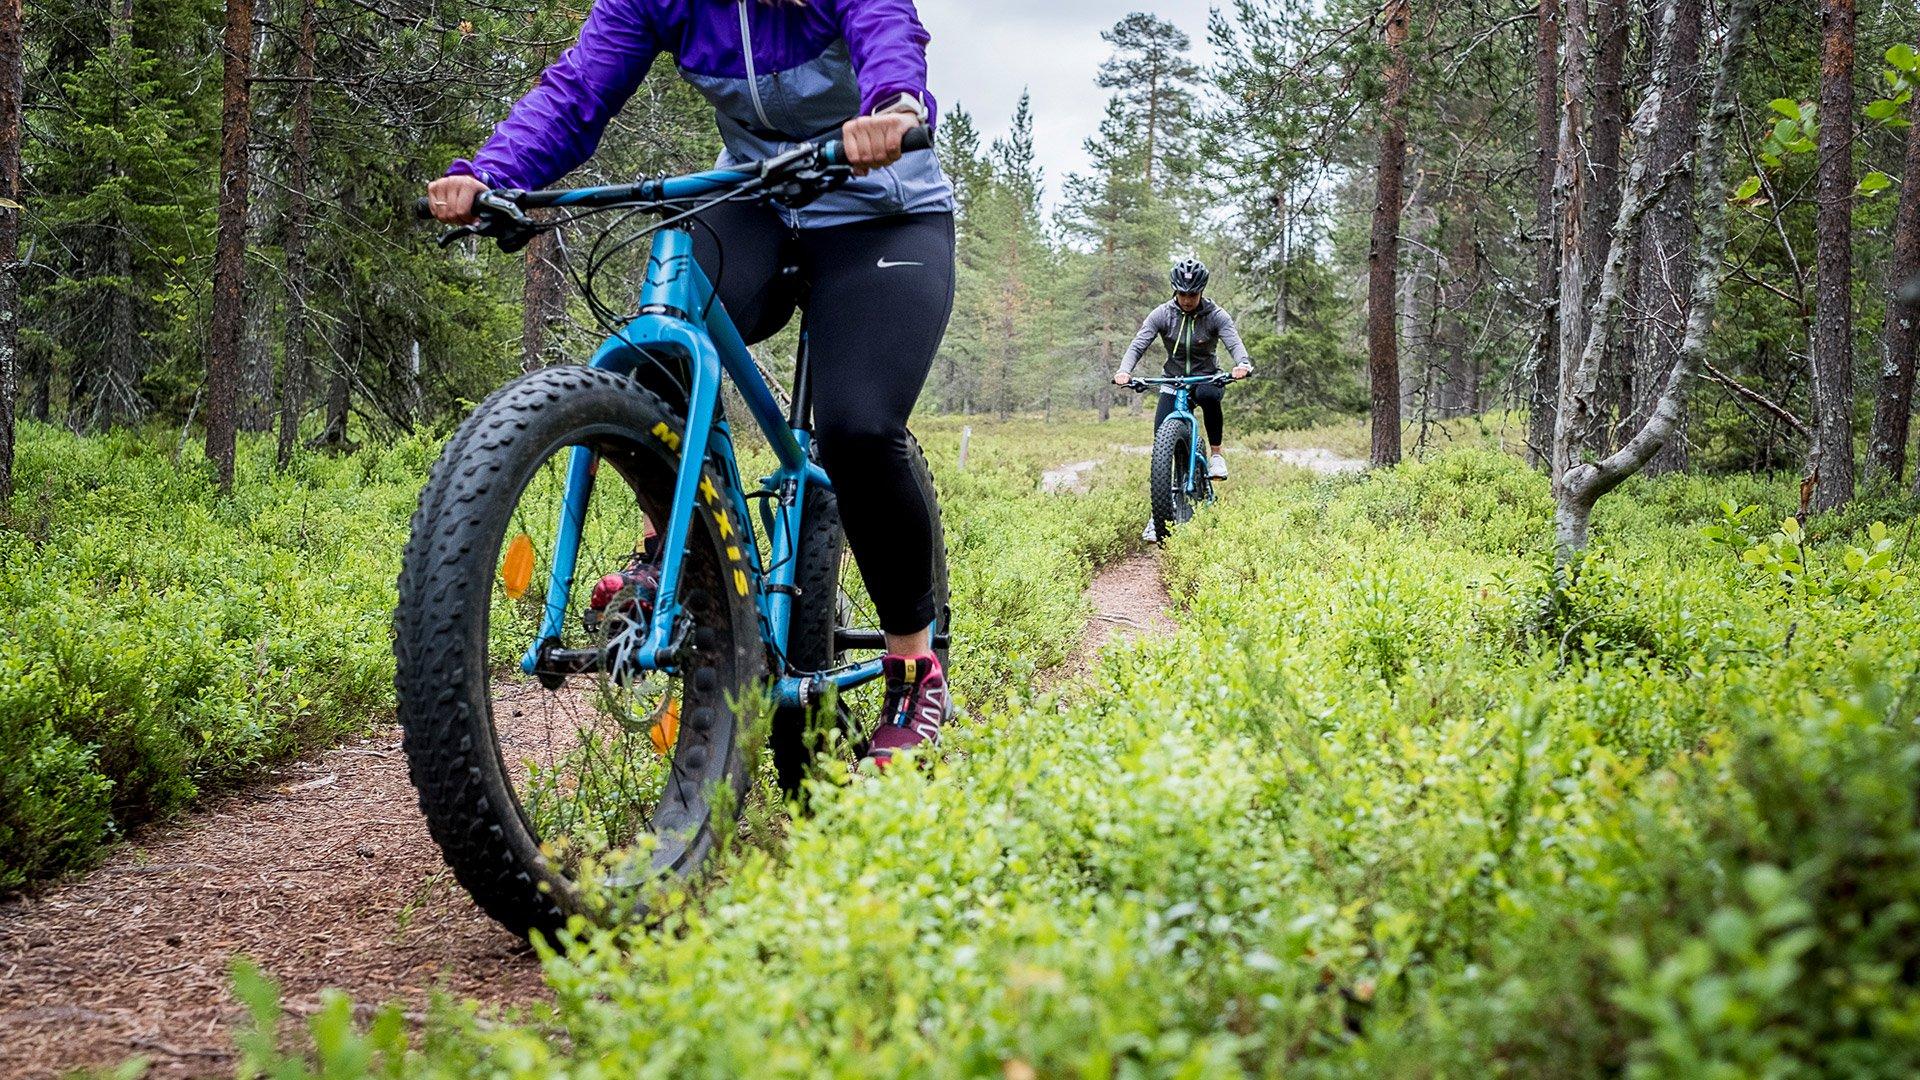 Kaksi henkilöä ajaa fatbikellä metsäisessä maisemassa.